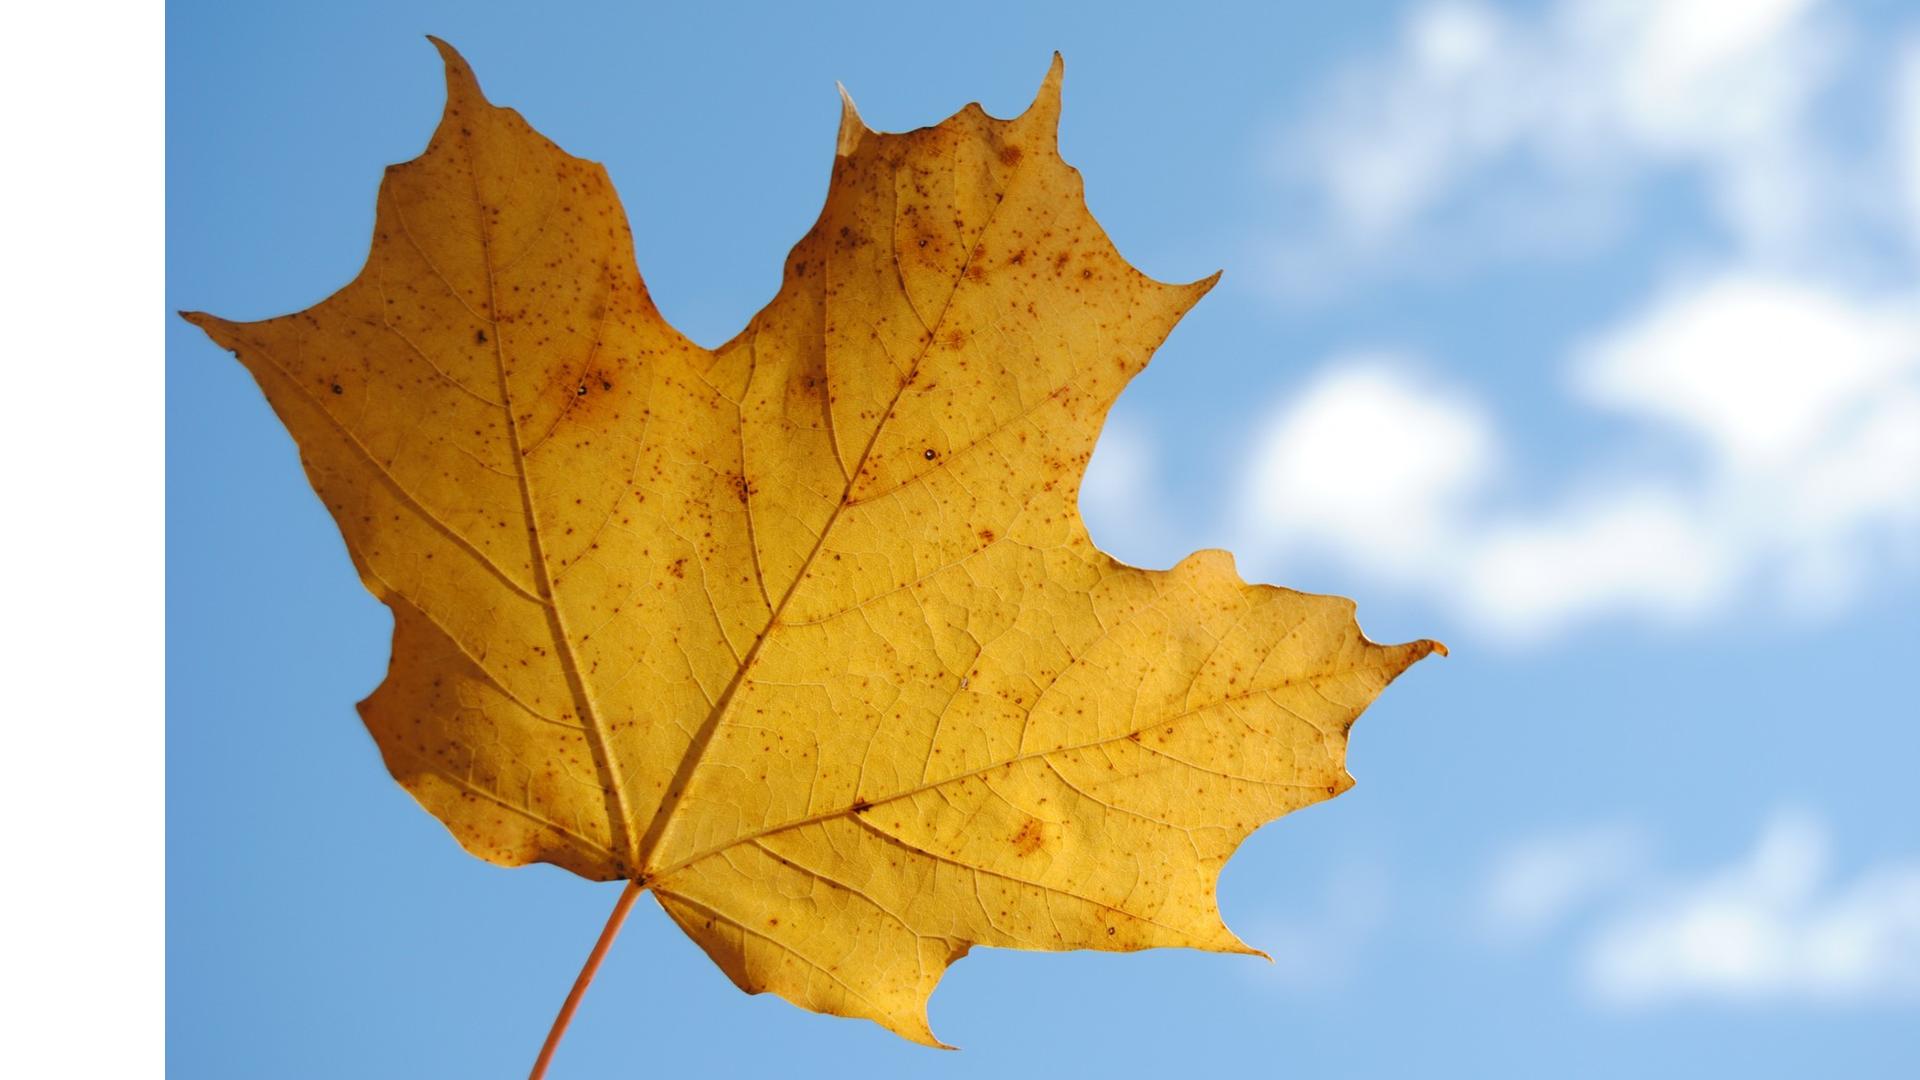 Желтые листья картинки на белом фоне, сднем рождения.отправить открытка